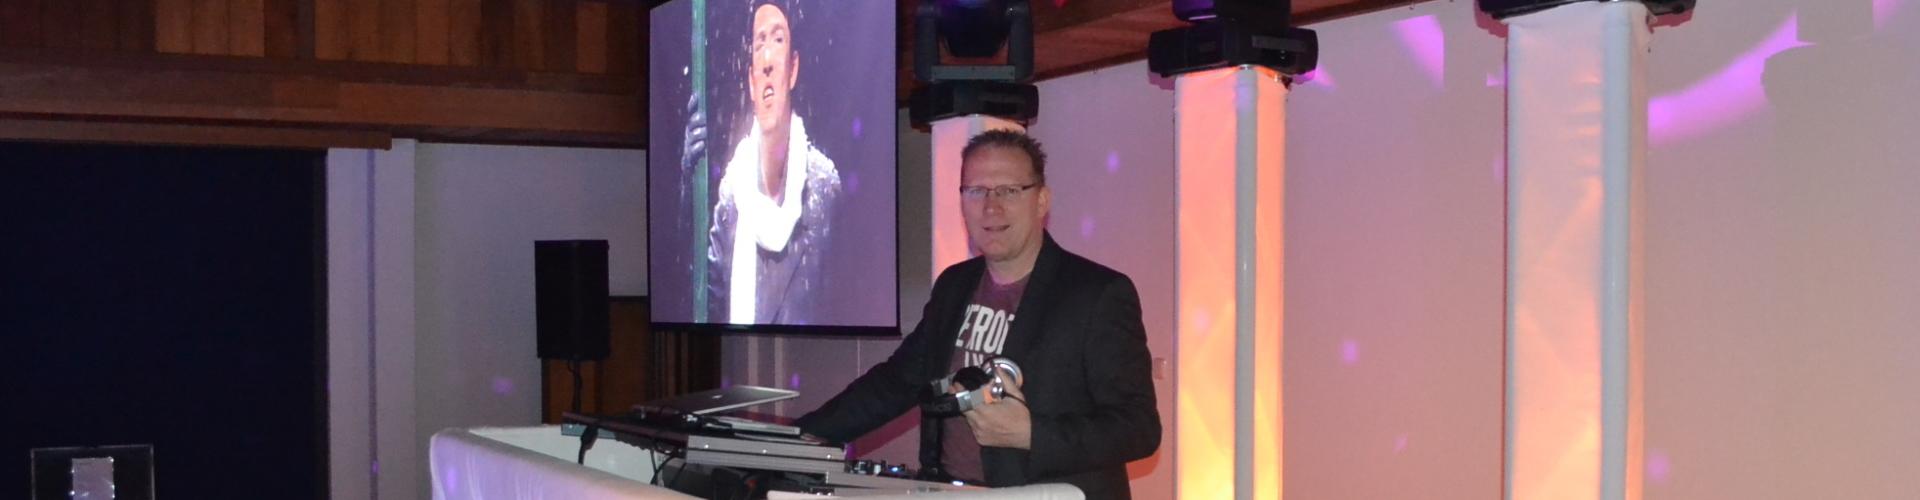 DJ boeken of inhuren voor feest Ambitious DJ Klaas hier voor exclusief personeelsfeest in Dekker Zoetermeer